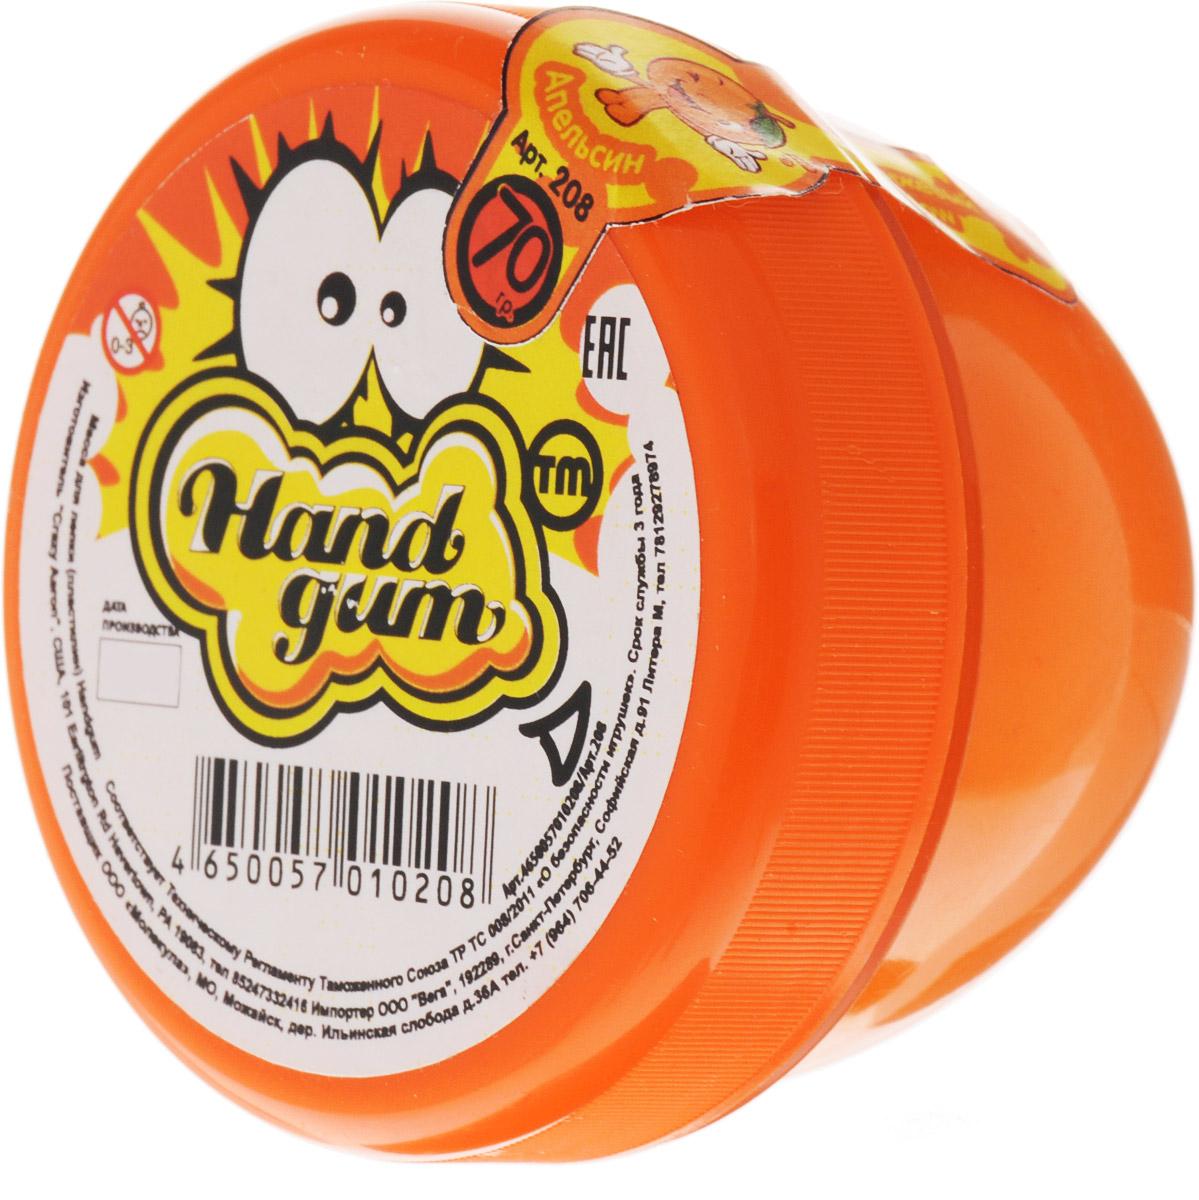 Жвачка для рук ТМ HandGum, цвет: оранжевый, с запахом апельсина, 70 г10208Жвачка для рук Hand Gum оранжевого цвета с запахом апельсина подарит вам позитив и хорошие эмоции. Она радует глаз и дарит нежные тактильные ощущения, способствуя хорошему настроению. Жвачка для рук изготовлена из упругого, пластичного и приятного на ощупь материала, ее можно растягивать, как резину, а если сильно дернуть, то можно порвать. Из нее отлично получаются скульптуры, которые живут считанные минуты, постепенно превращаясь в лужи. Прилепите ее на дверную ручку - и он капнет, скатайте шарик и ударьте об пол - он подпрыгнет. Кубик, кстати, тоже подпрыгнет, но совсем не туда, куда ожидается. Уважаемые клиенты! Обращаем ваше внимание на цветовой ассортимент товара. Поставка осуществляется в зависимости от наличия на складе. Характеристики: Цвет: оранжевый. Вес: 35 г. Размер упаковки: 5,5 см х 6 см х 6 см.